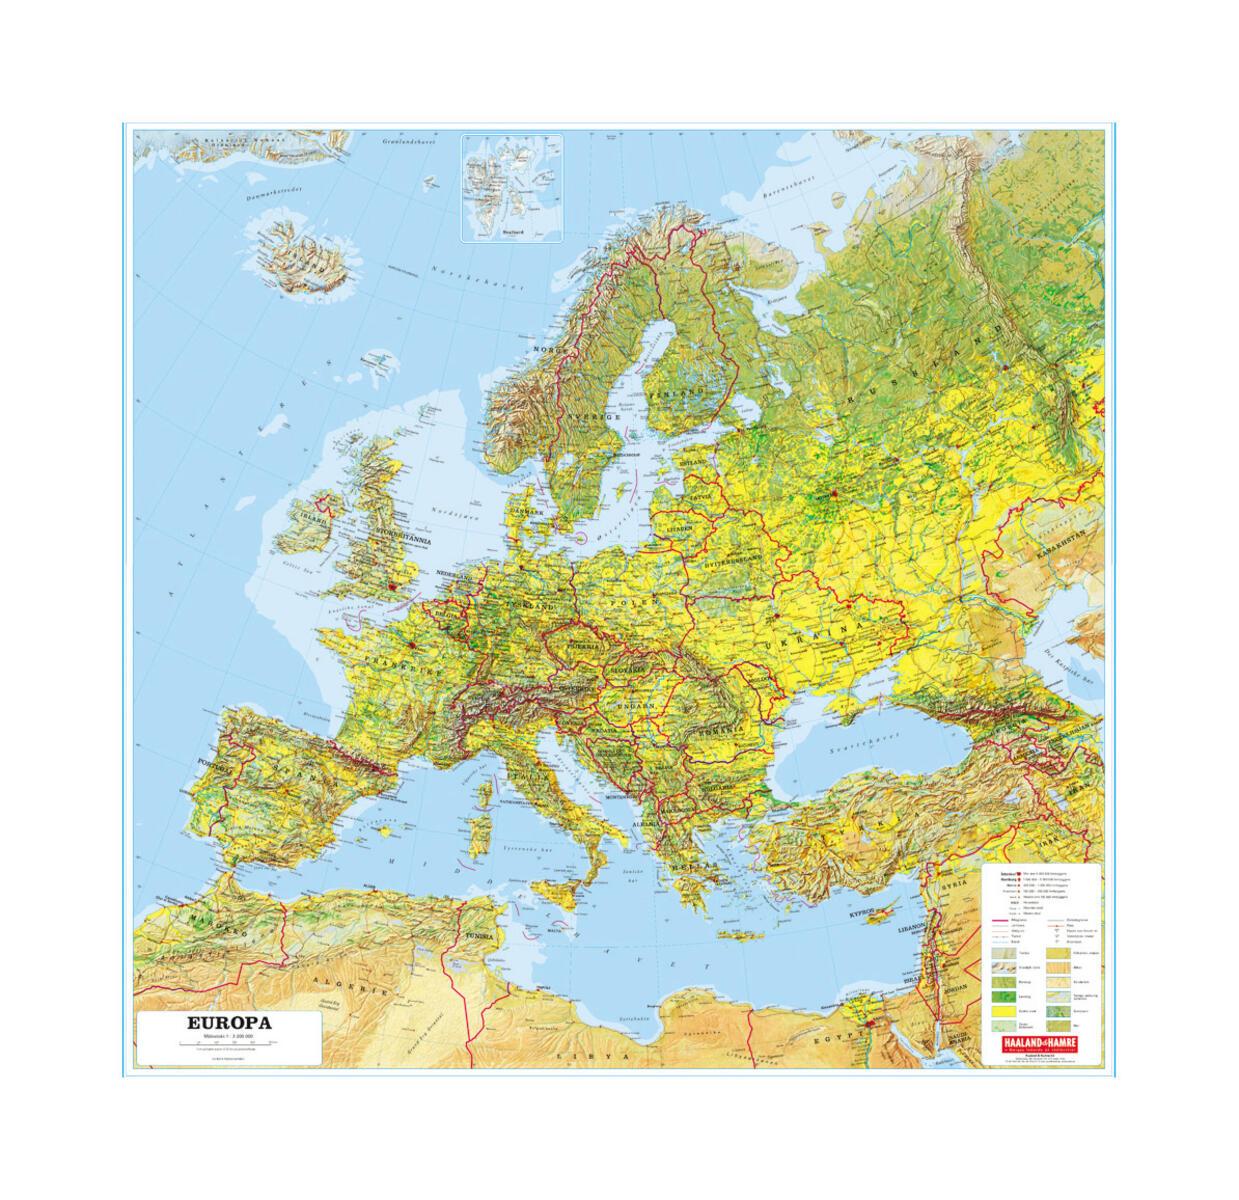 europa kart med målestokk Europakart m/selvløftende stokk og snor   Lekolar Norge europa kart med målestokk